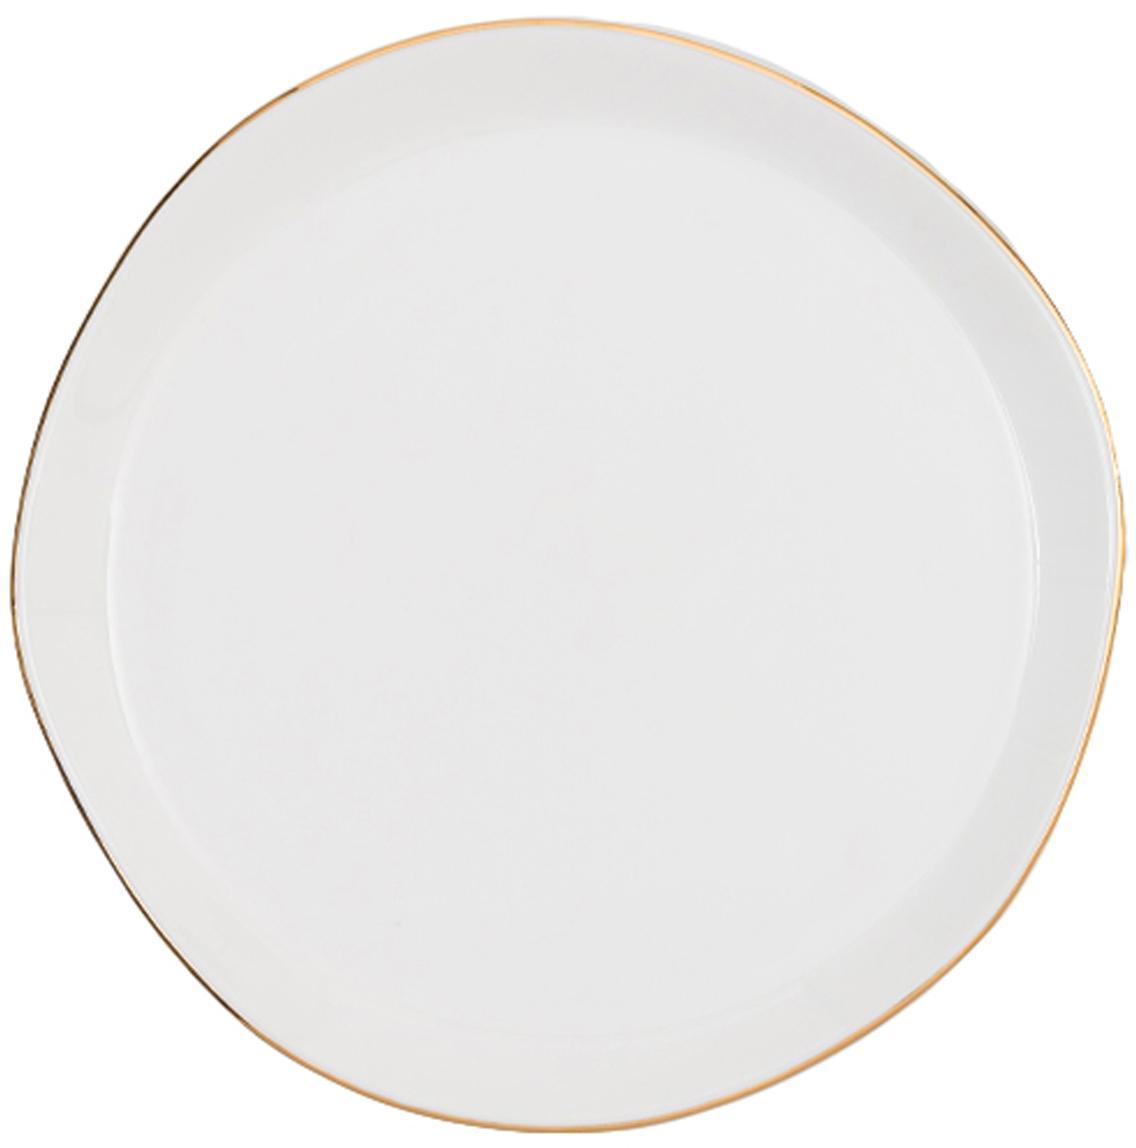 Piattino da dessert con bordo dorato Good Morning, Porcellana, Bianco, dorato, Ø 17 cm